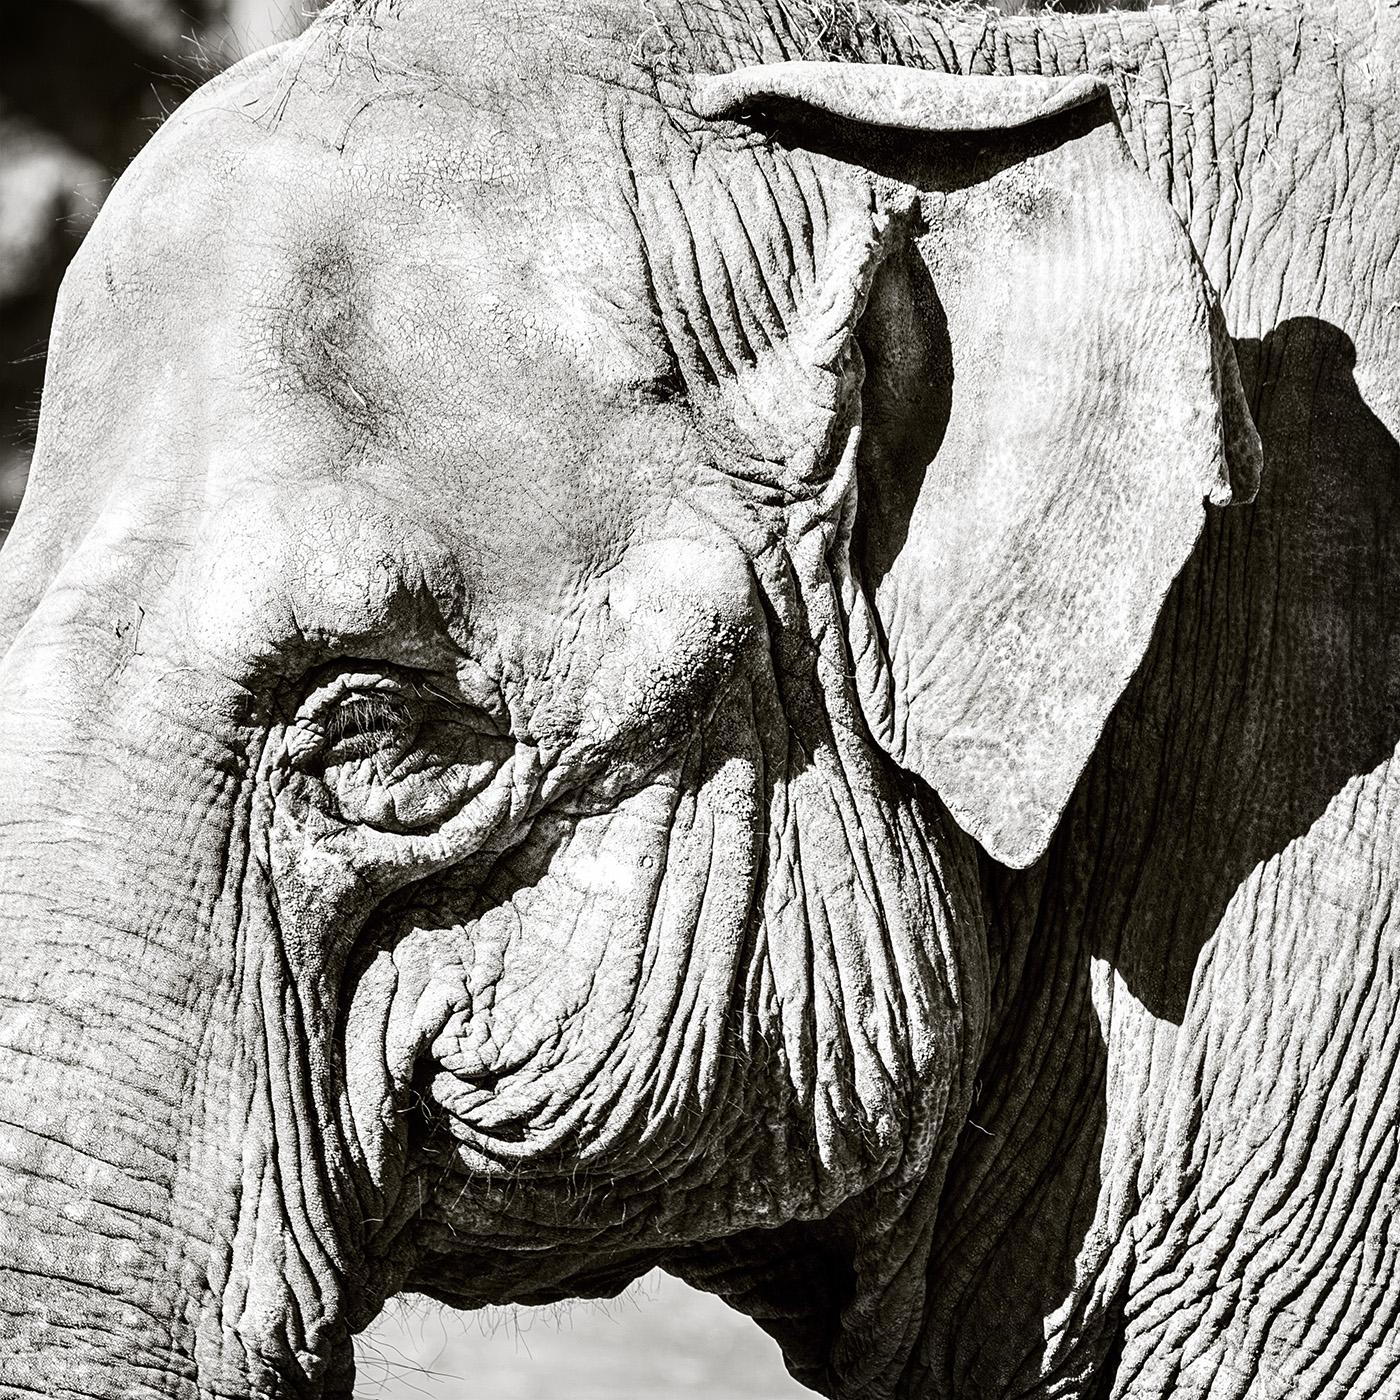 Jul 13 - Belfast Zoo